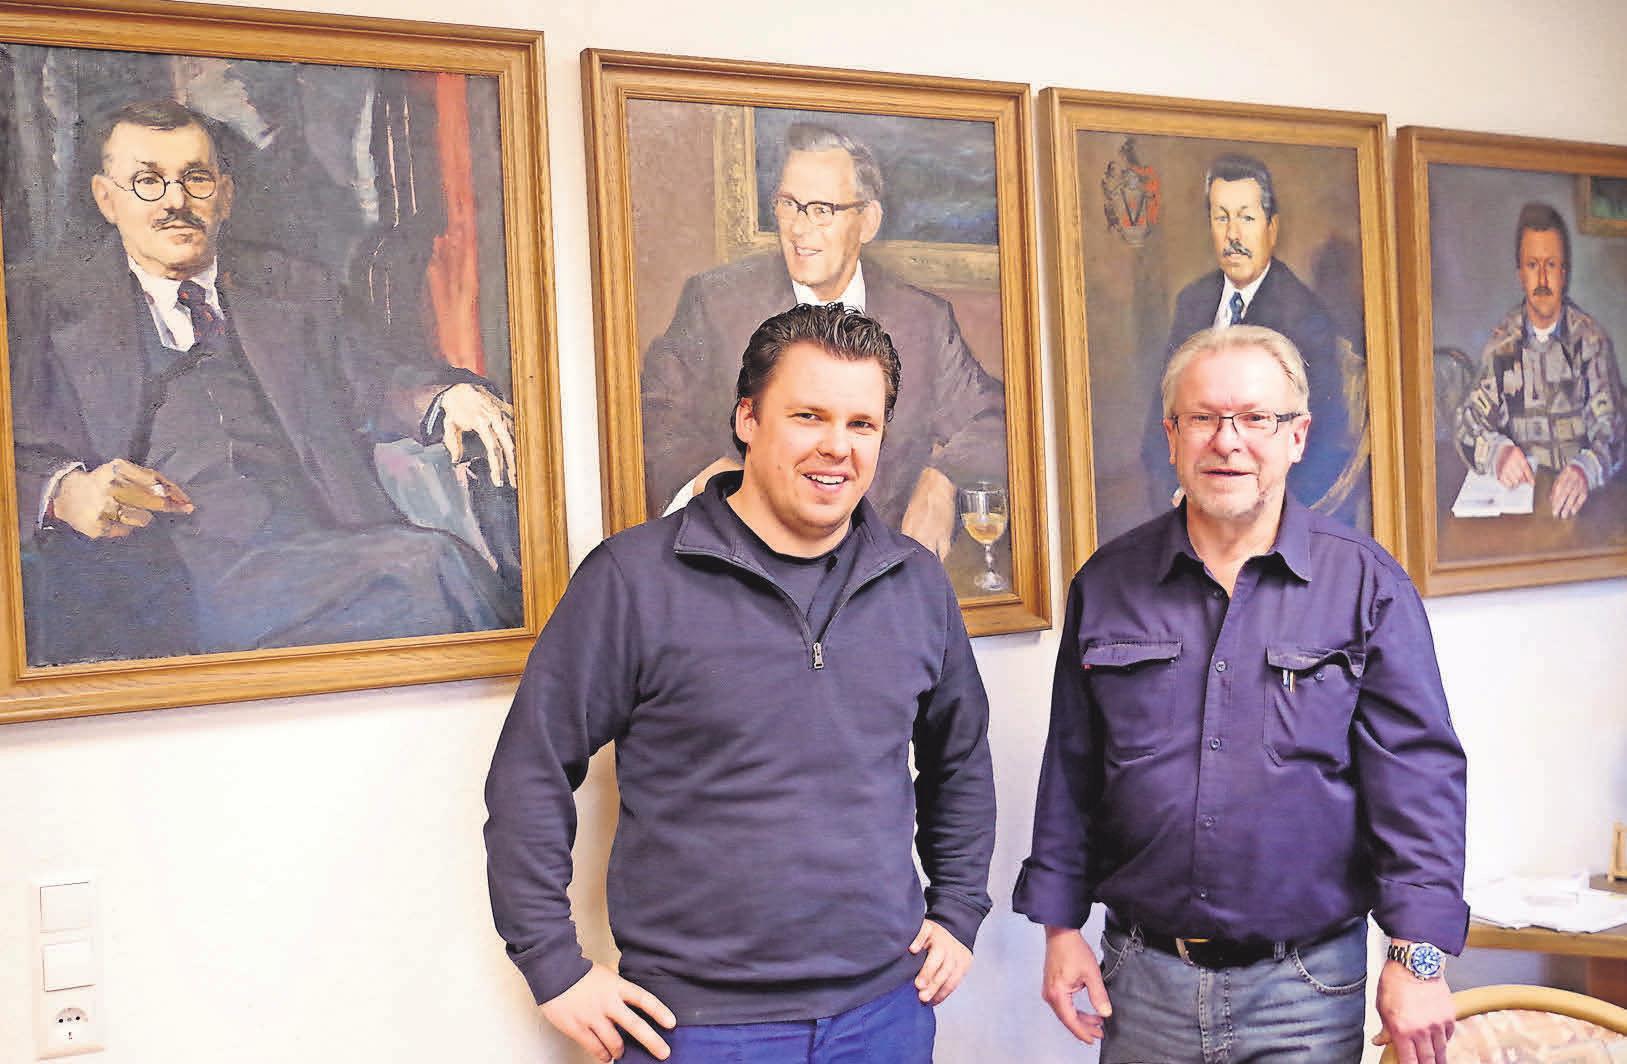 Die heutigen Generationen im Kreise ihrer Vorgänger: Claas (links) und Helmut Vesterling.